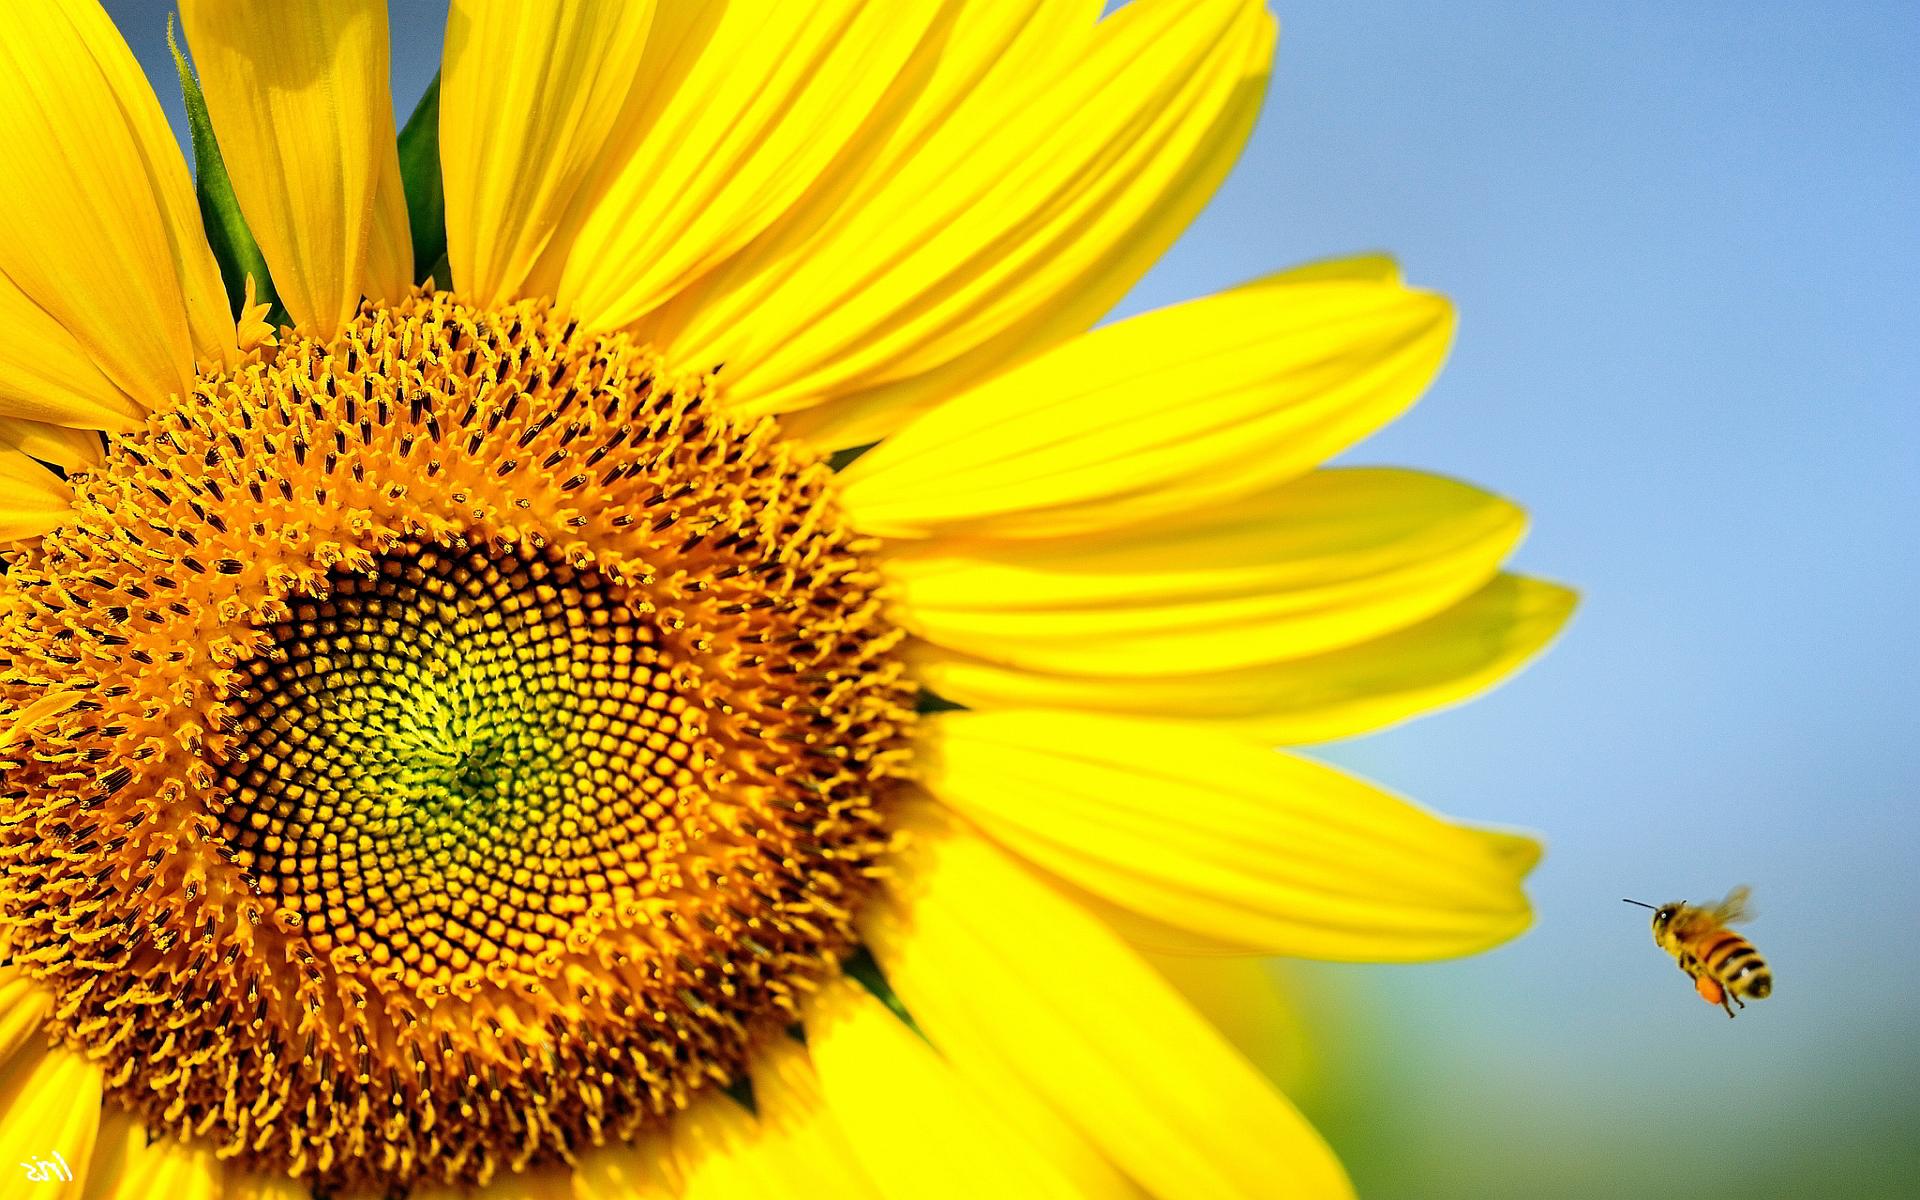 Bee Wallpapers - HD Desktop Wallpapers